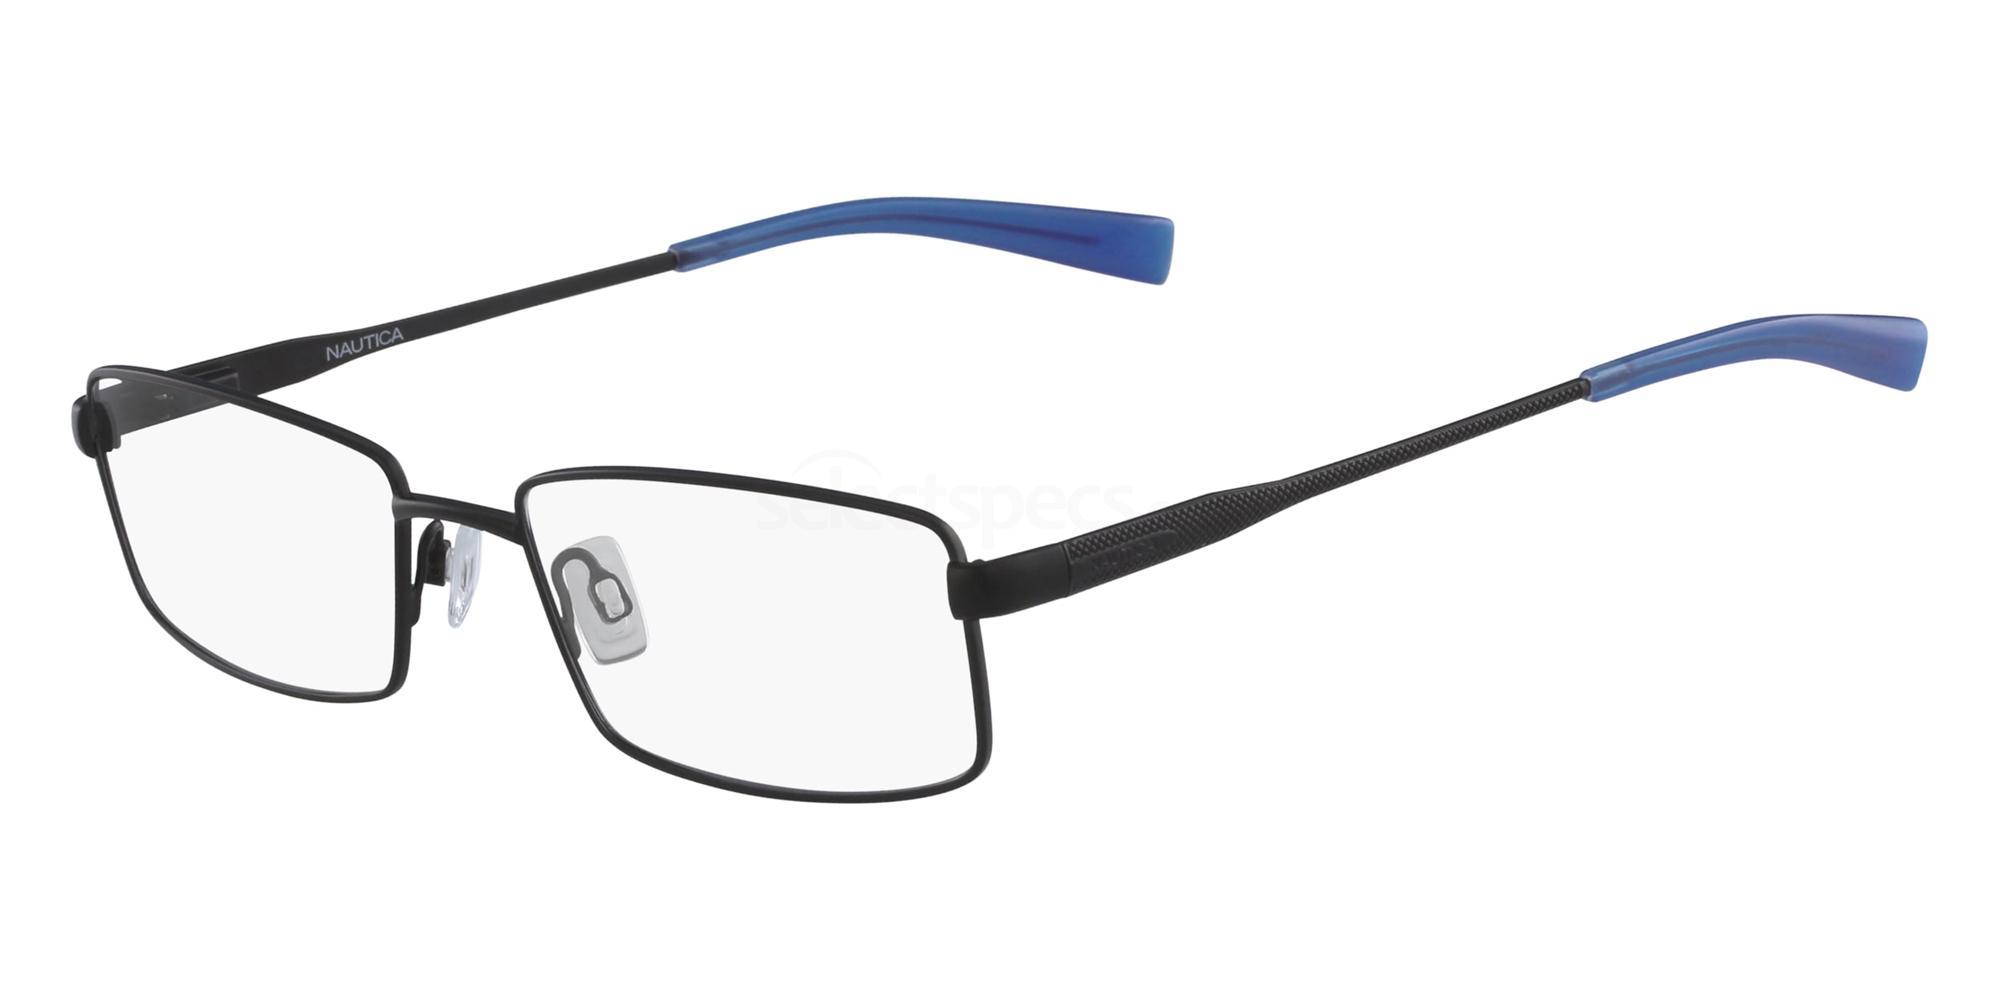 005 N7285 Glasses, Nautica